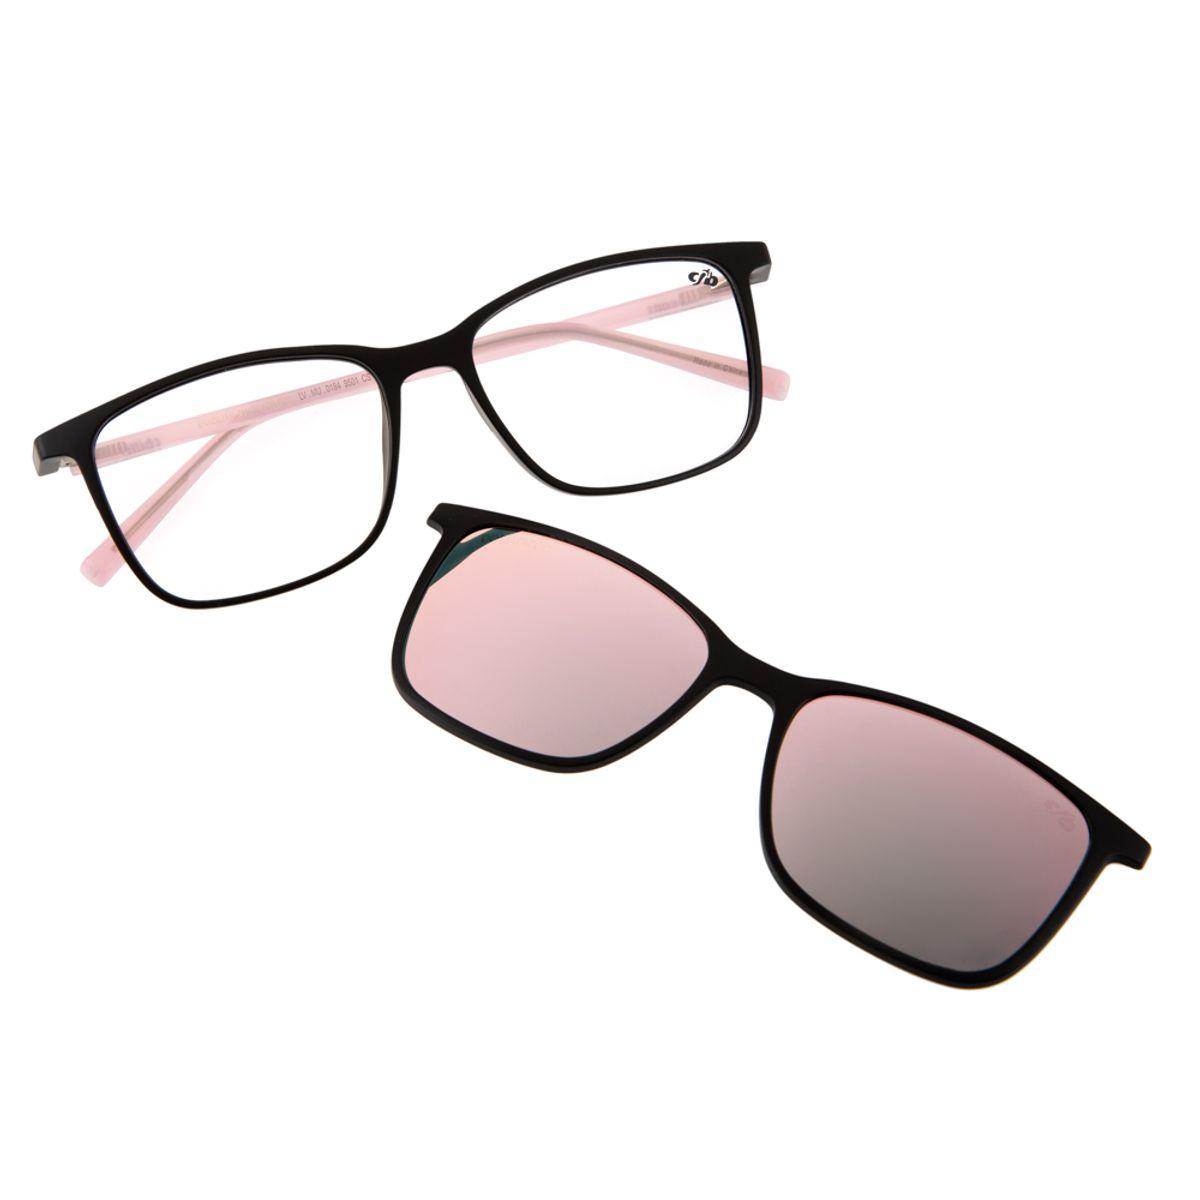 8987d5a362ff5 Armação para Óculos de Grau Chilli Beans Feminino Multi 2 em 1 Preto ...